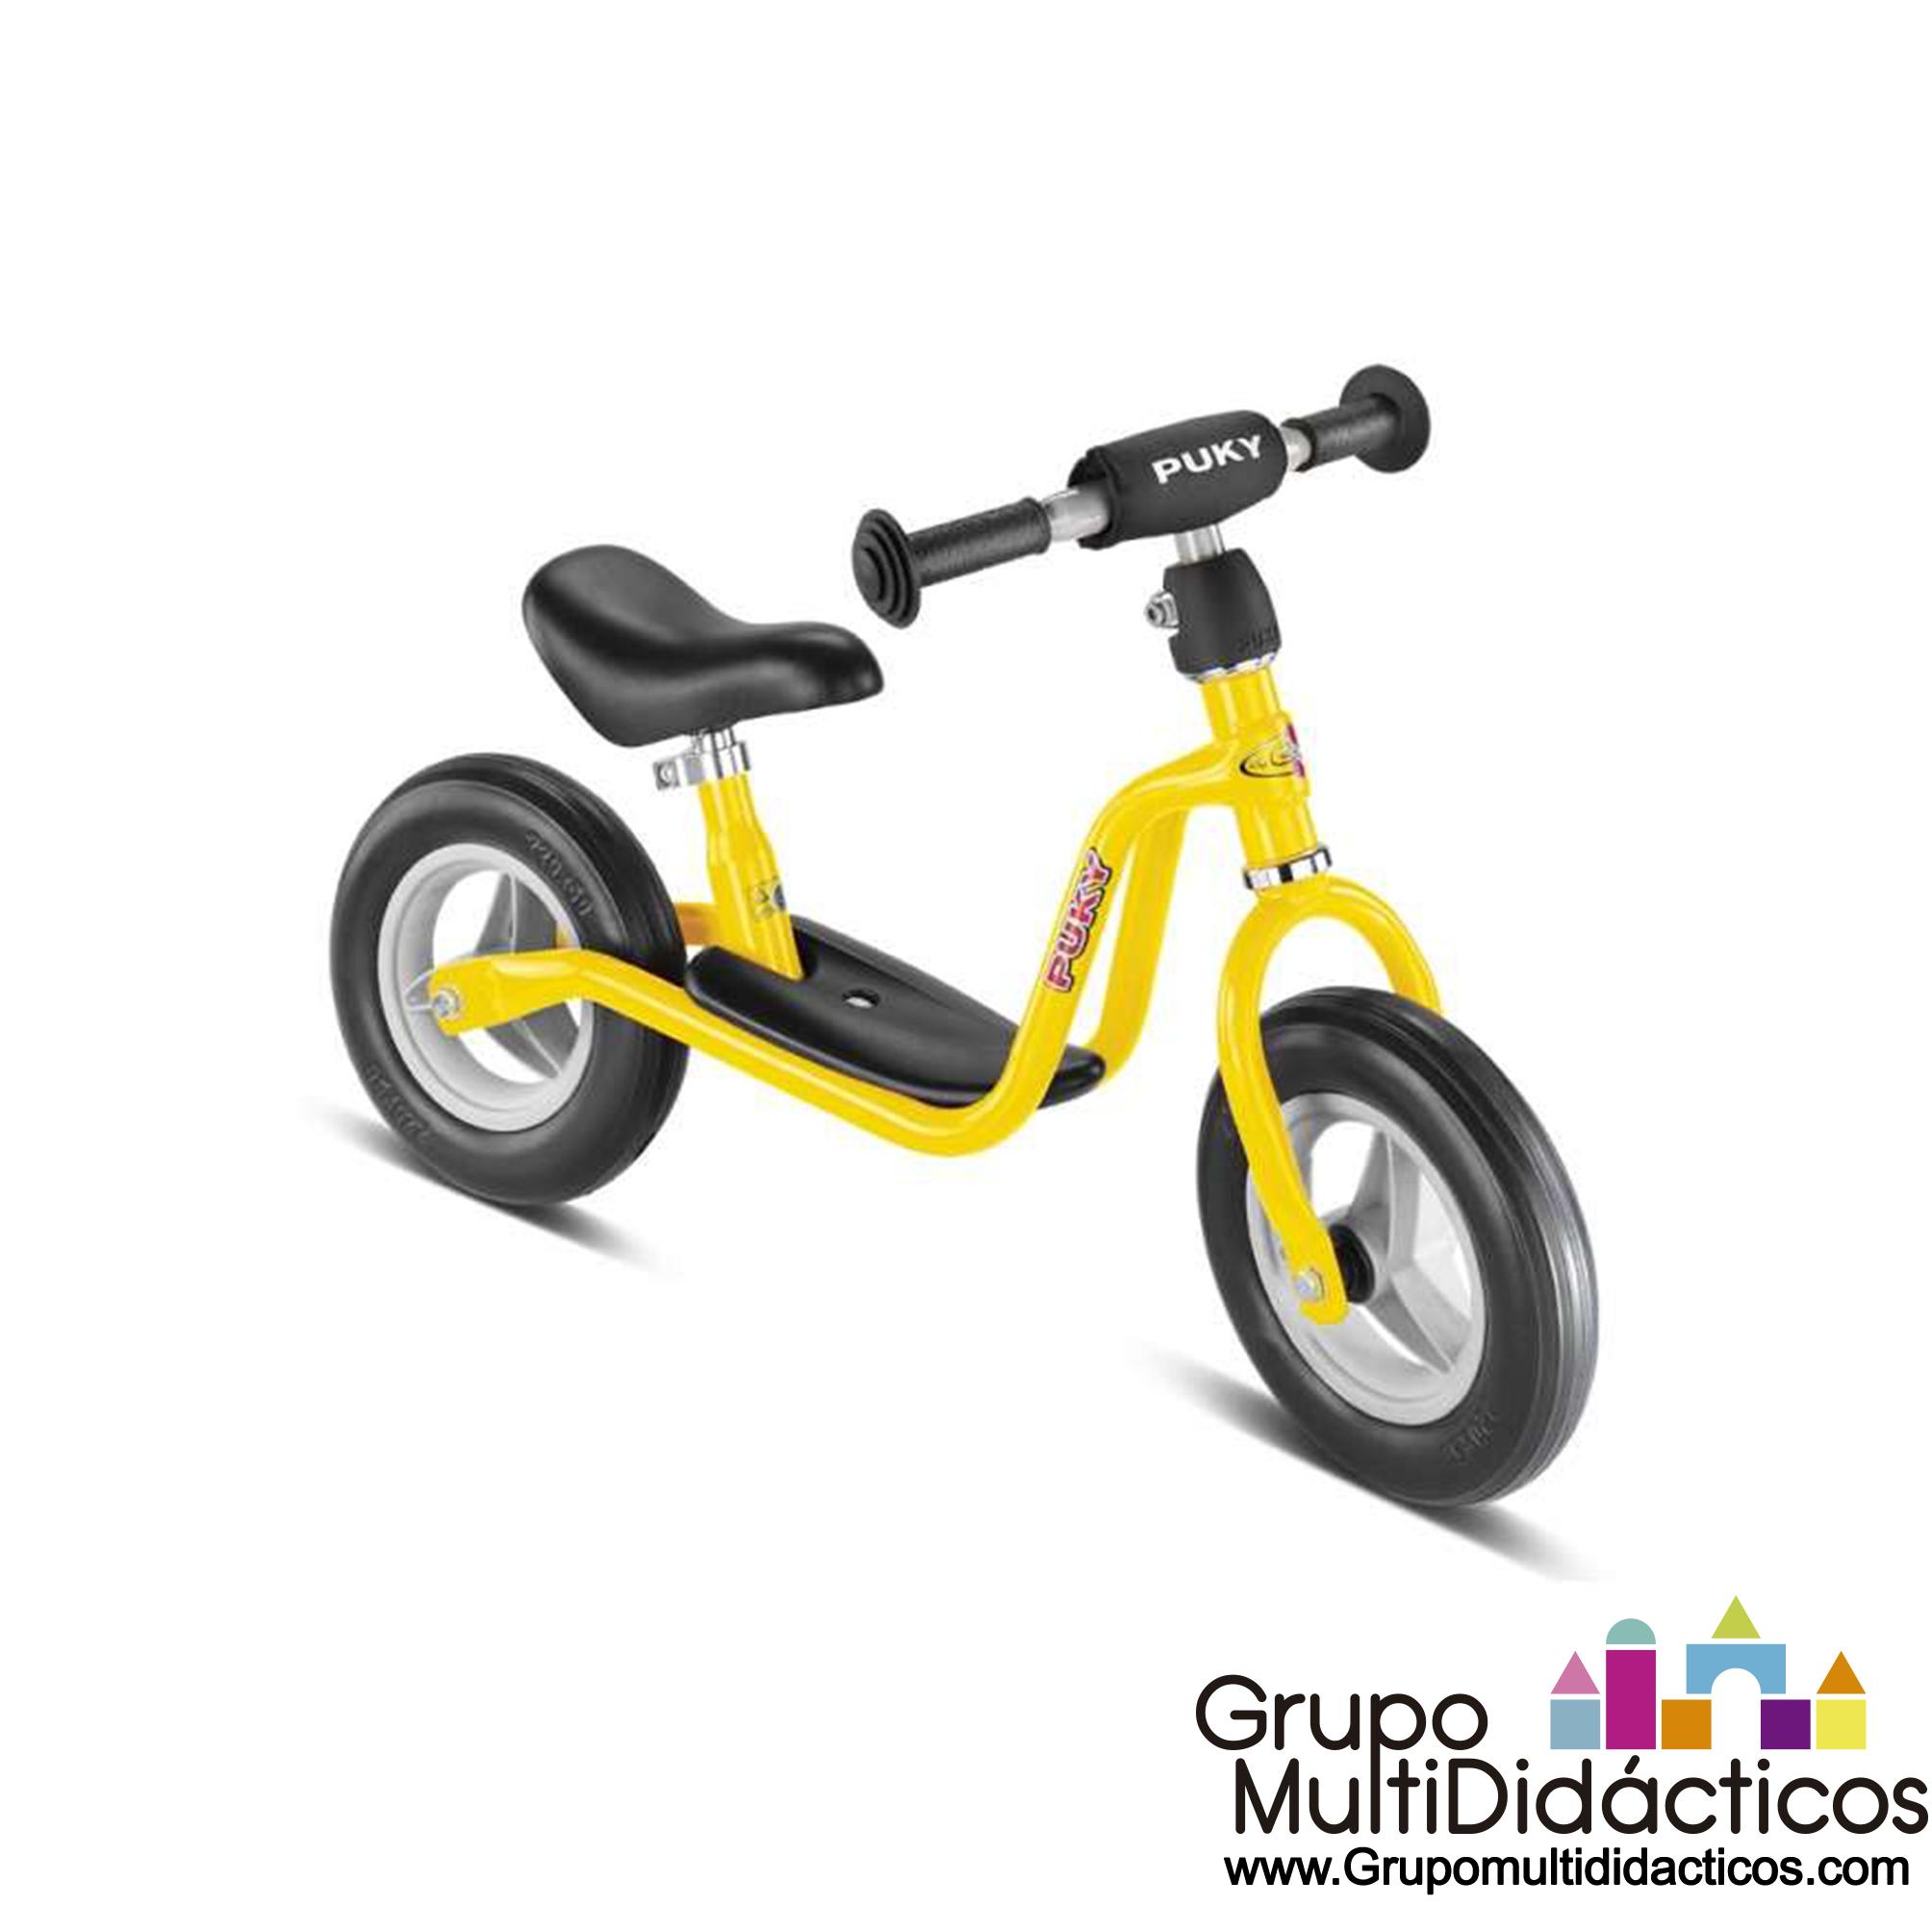 https://multididacticos.com/images/productos/peq/bicicleta%20sin%20pedales%202c.jpg